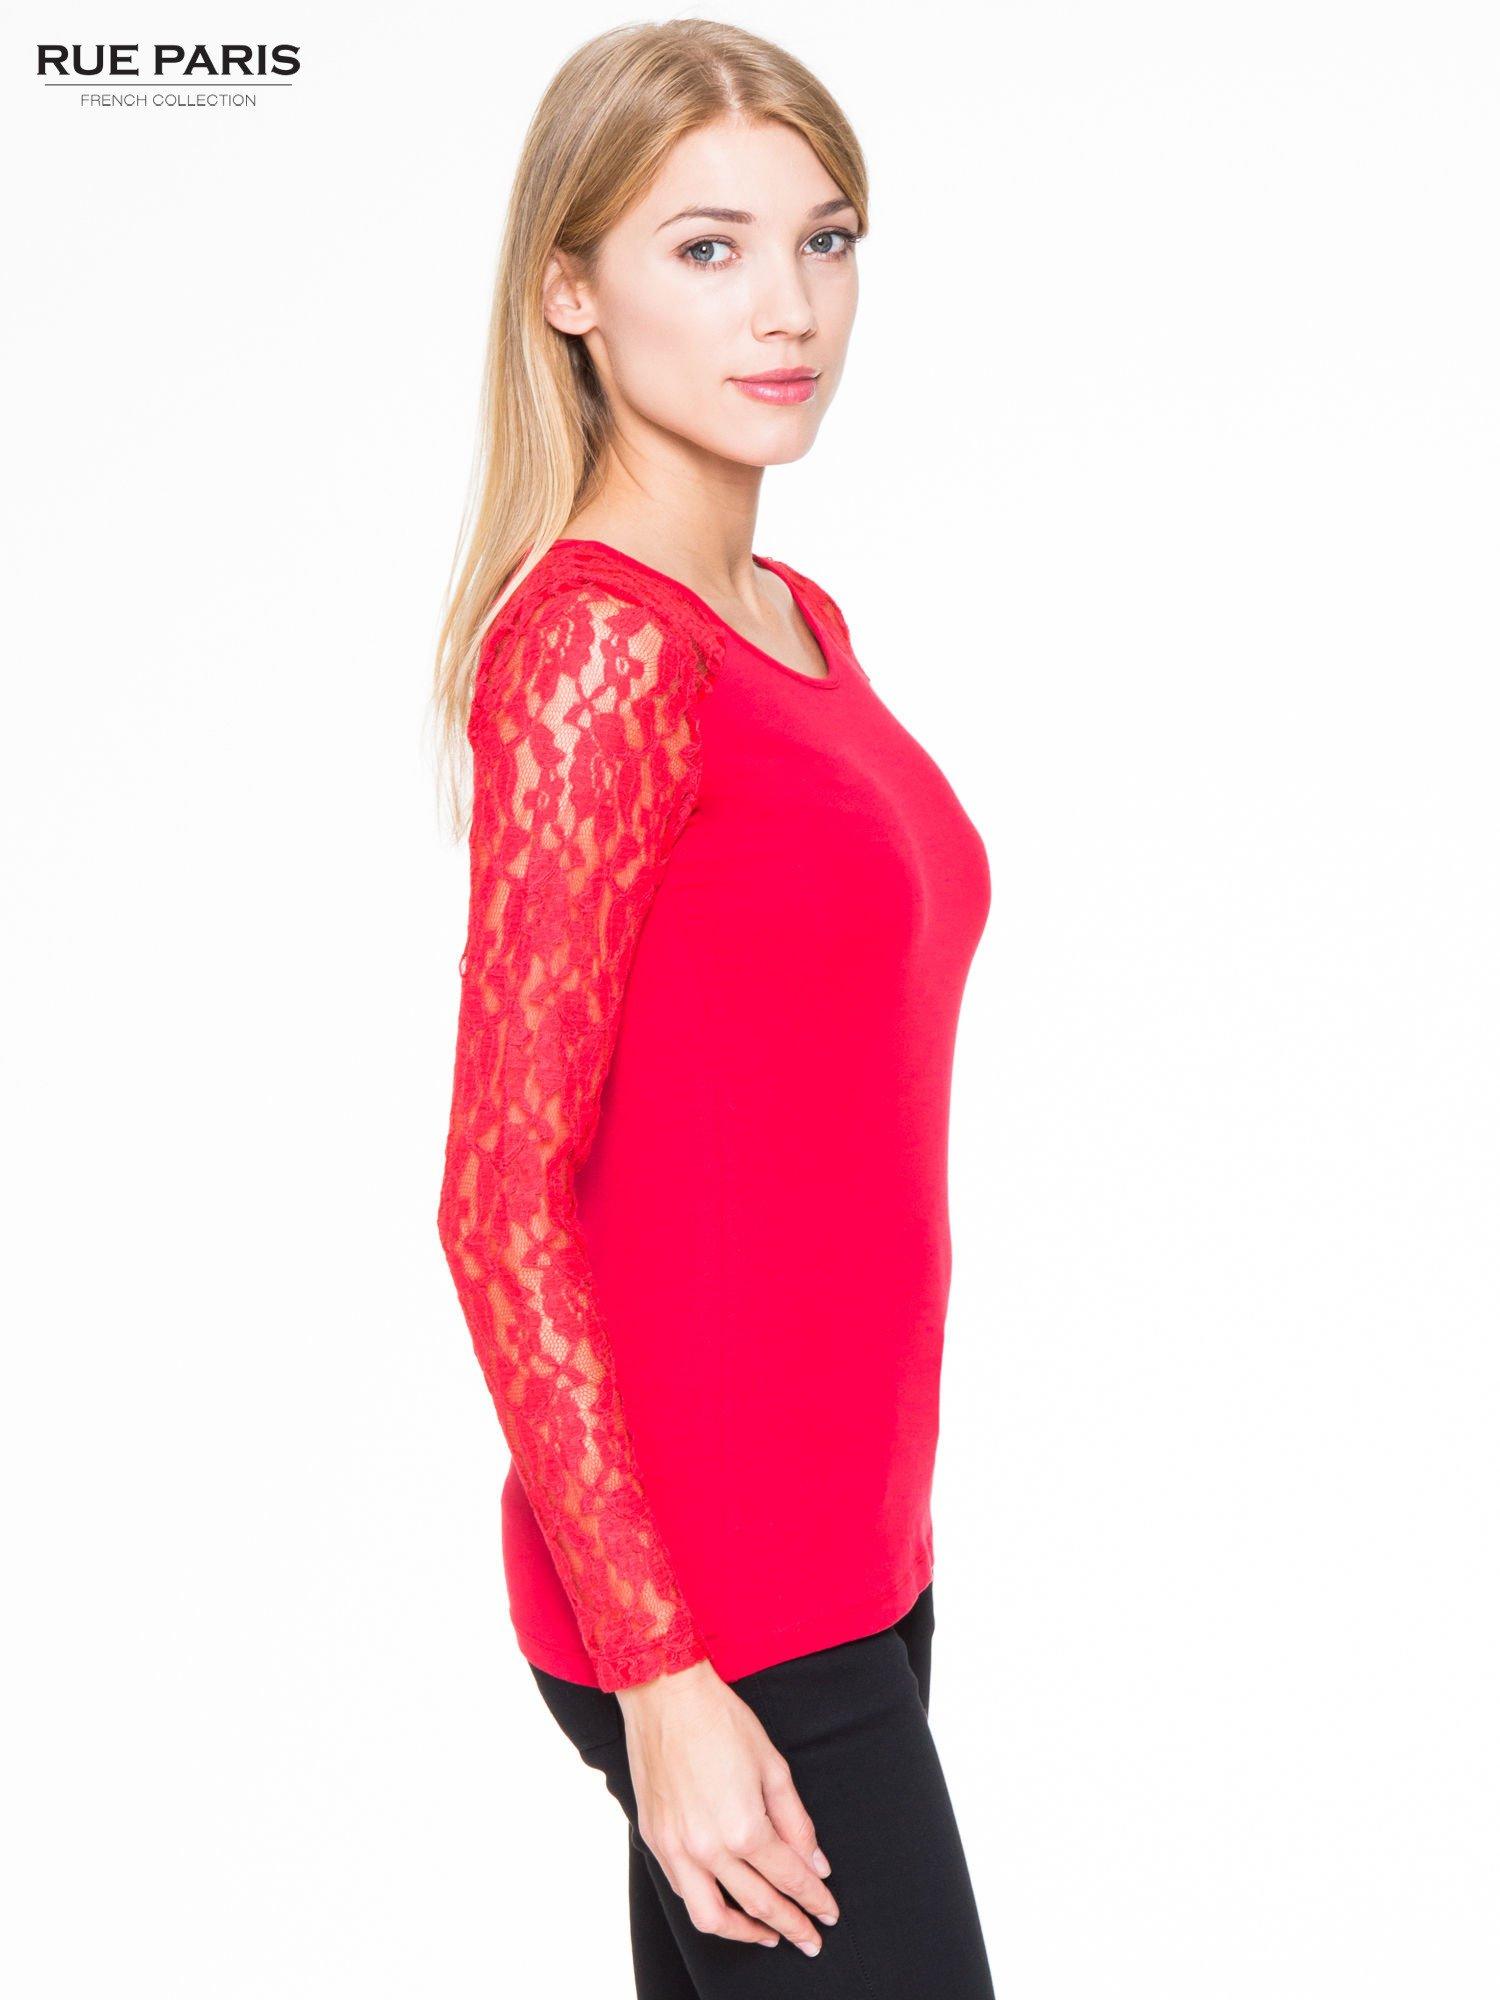 Czerwona bluzka z koronkowymi rękawami                                  zdj.                                  3